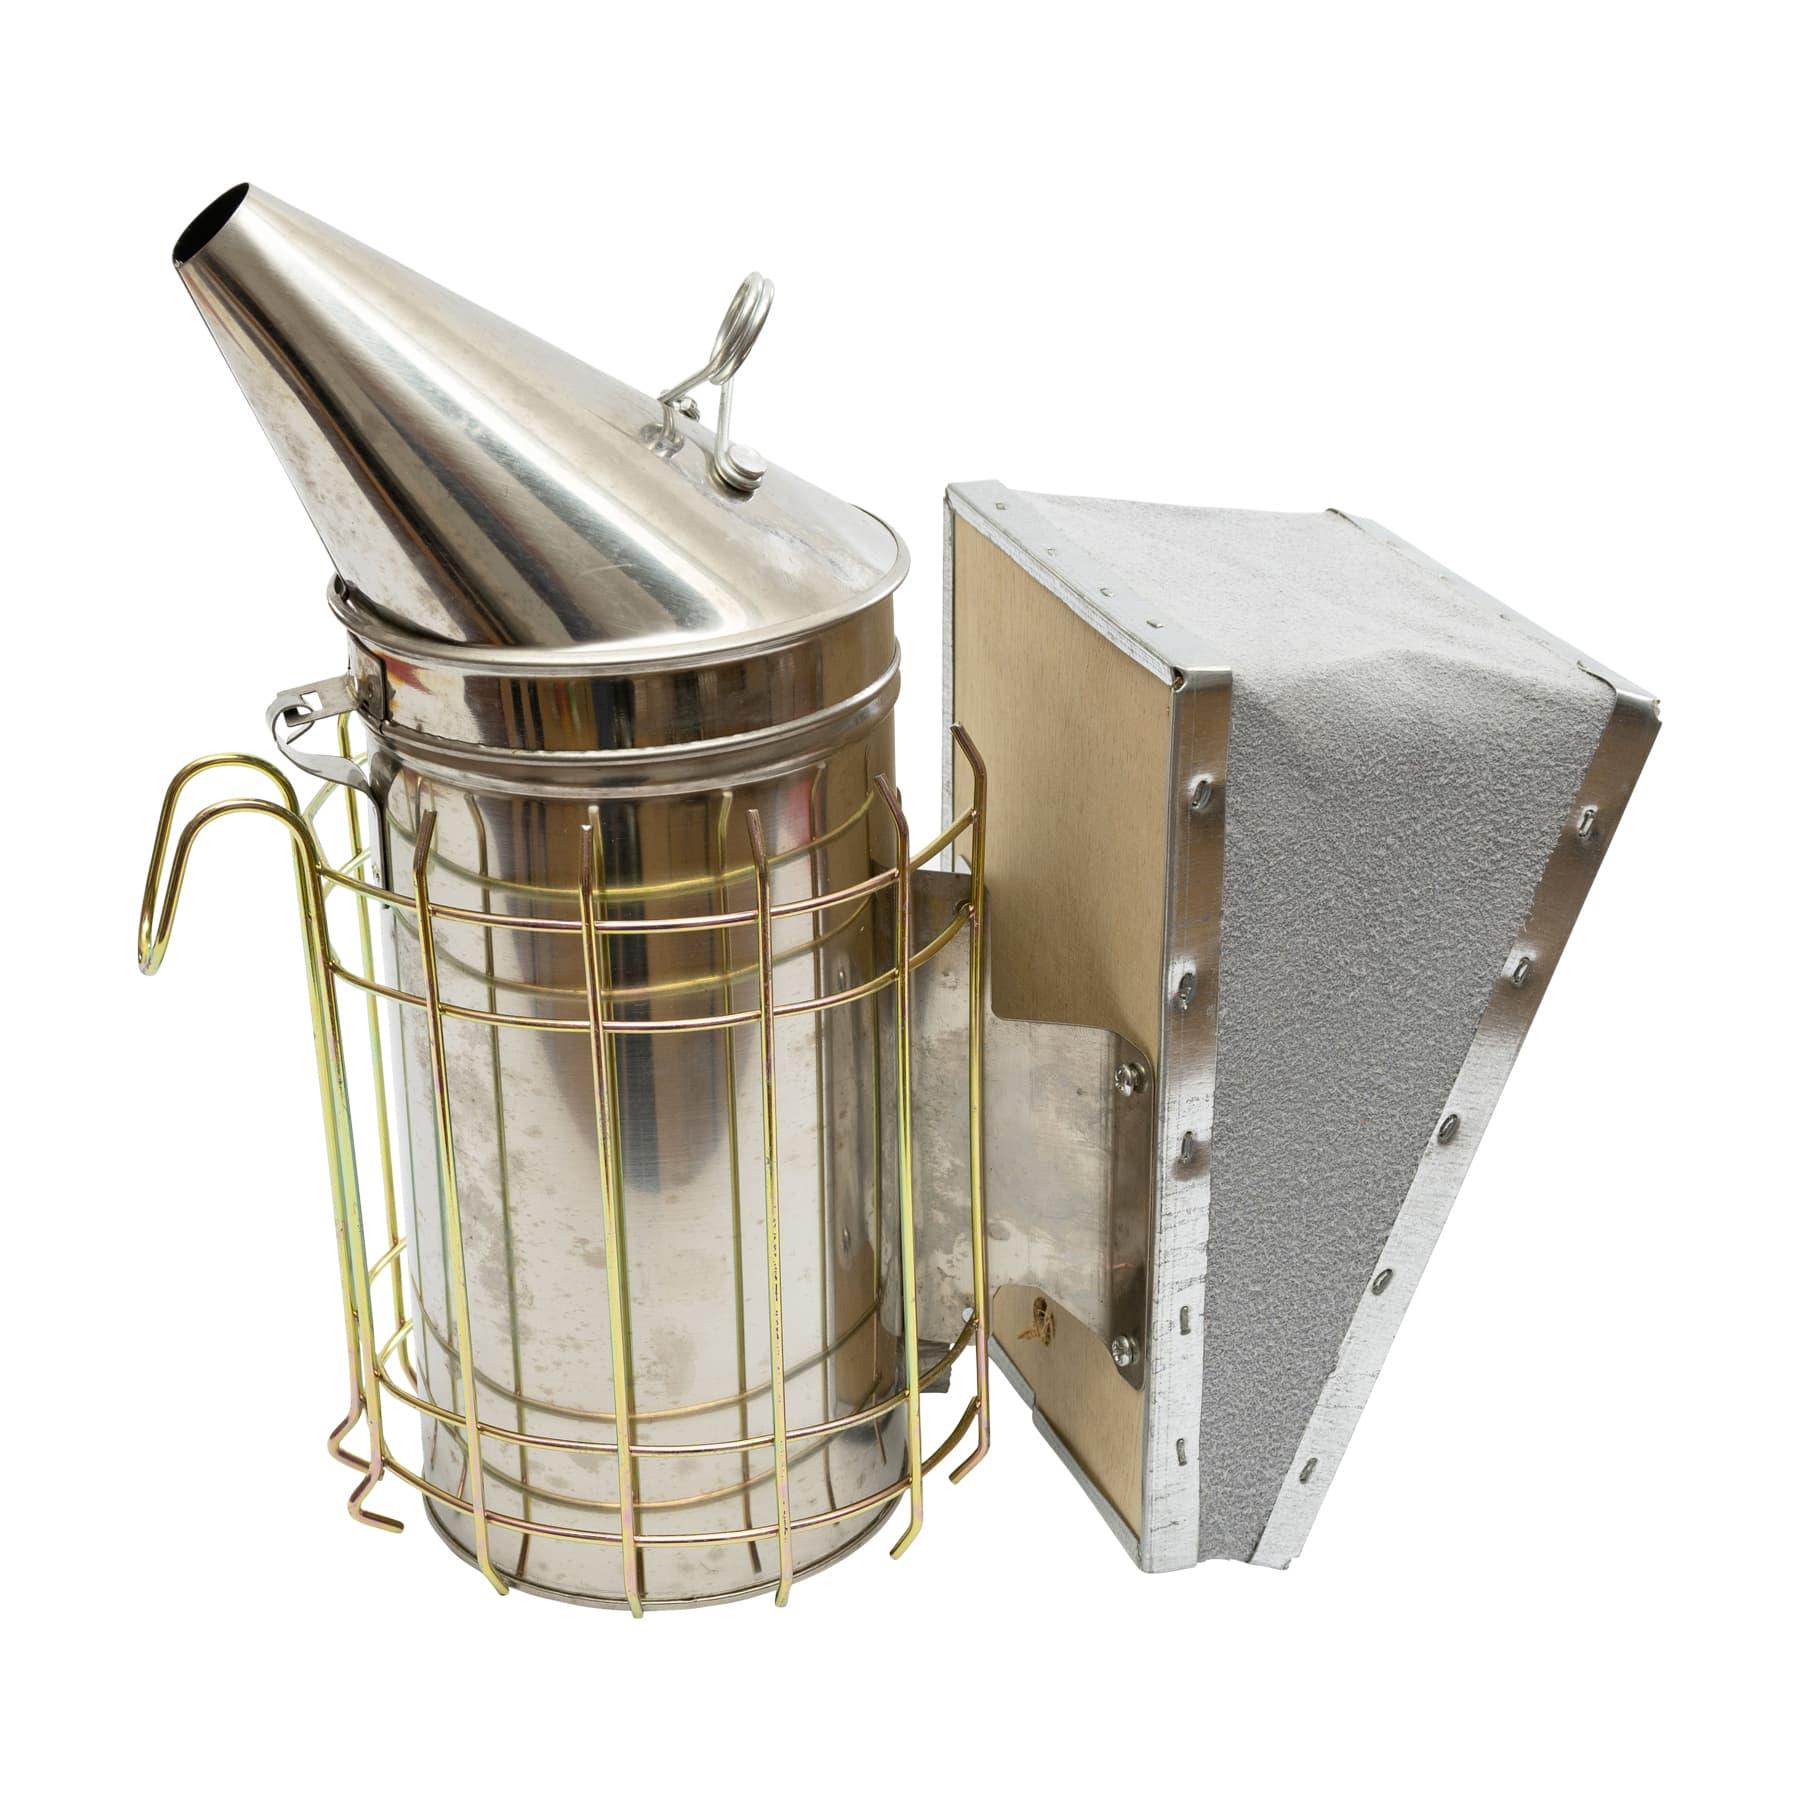 Edelstahl-Ami-Smoker, 10 cm Durchmesser mit gelochtem Innenfuß u. Lederblasebalg